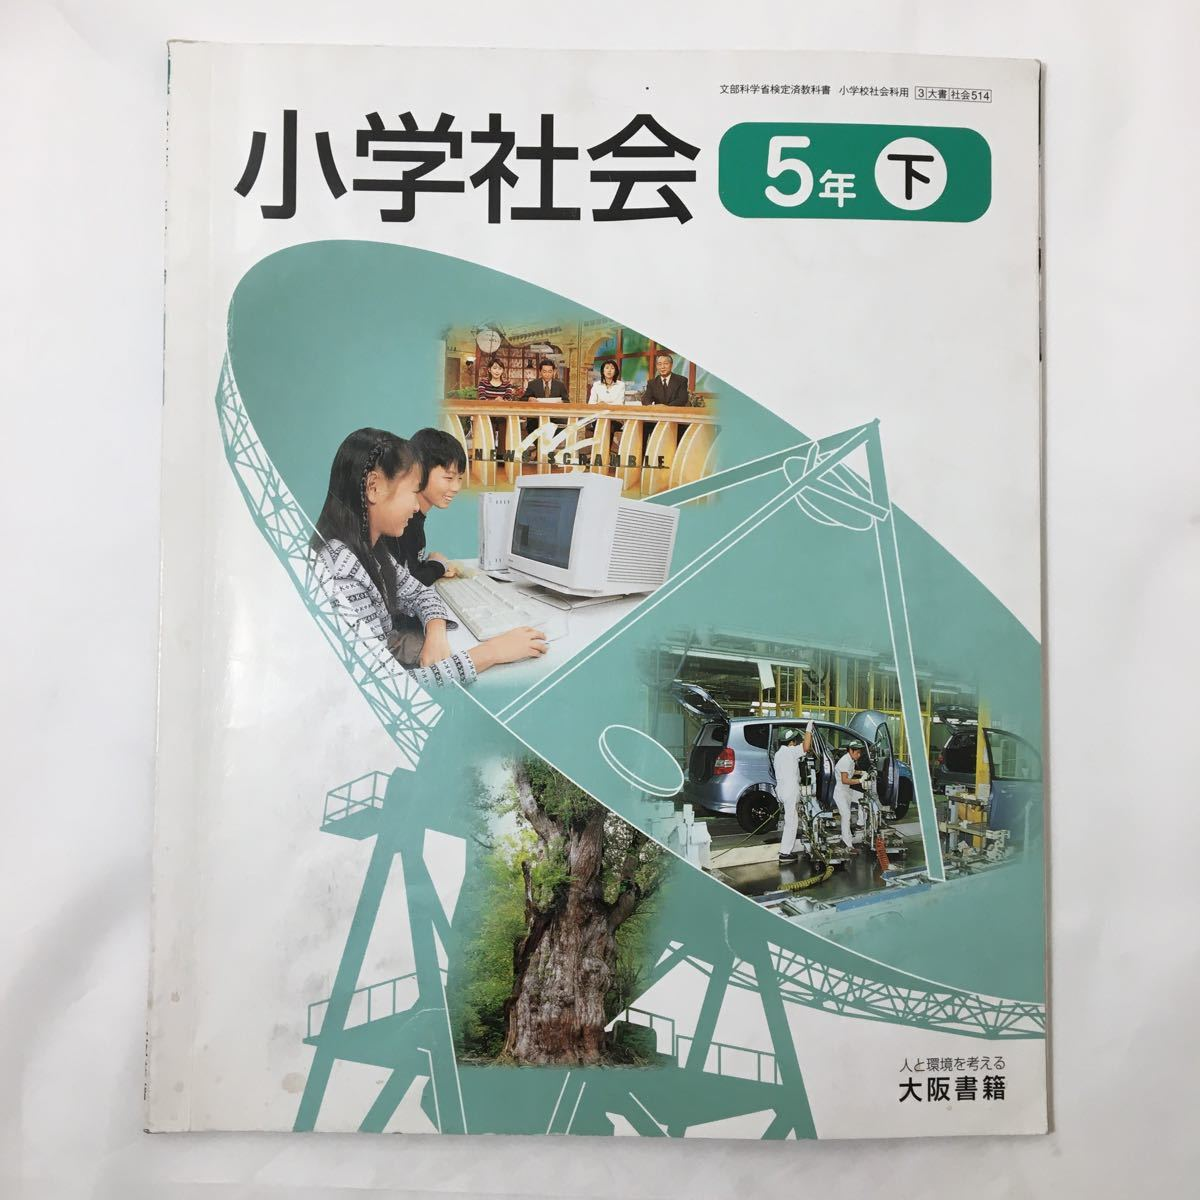 小学社会 5年下 [平成18年度採用] 大阪書籍 (編集)単行本 1996年発行 z-75